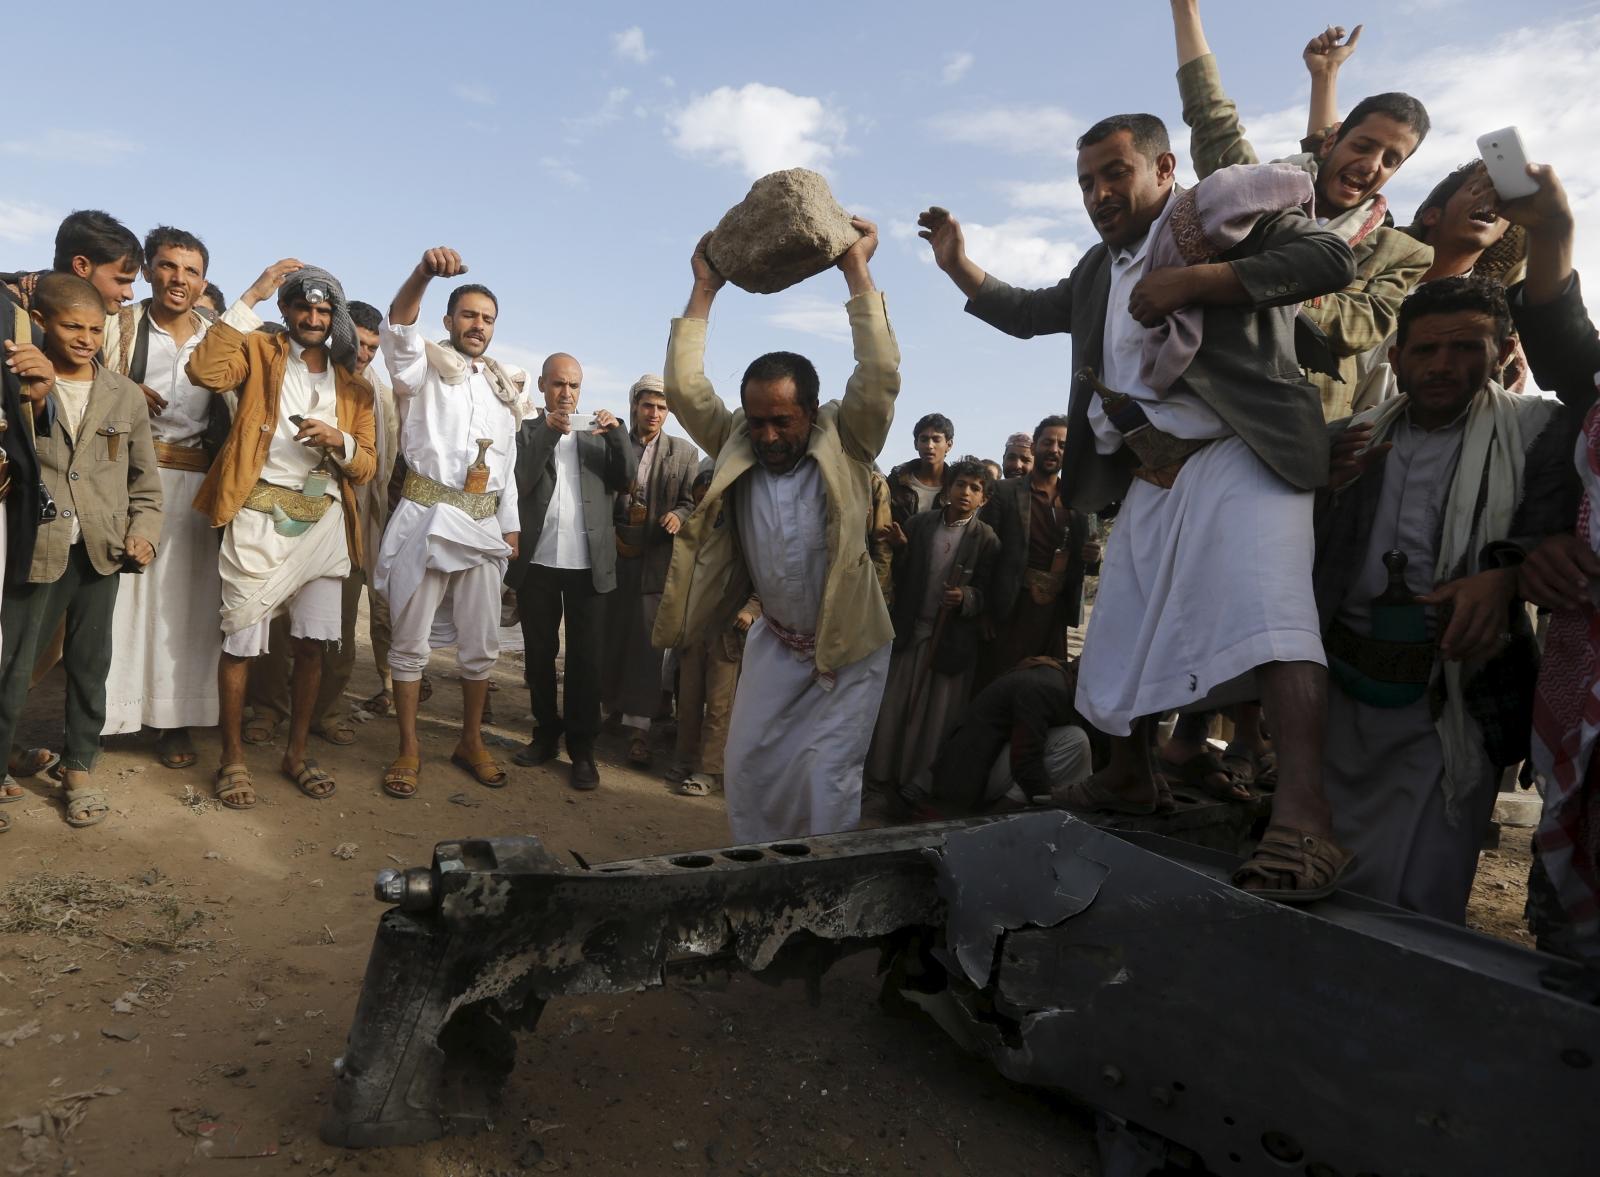 Yemen's Houthis